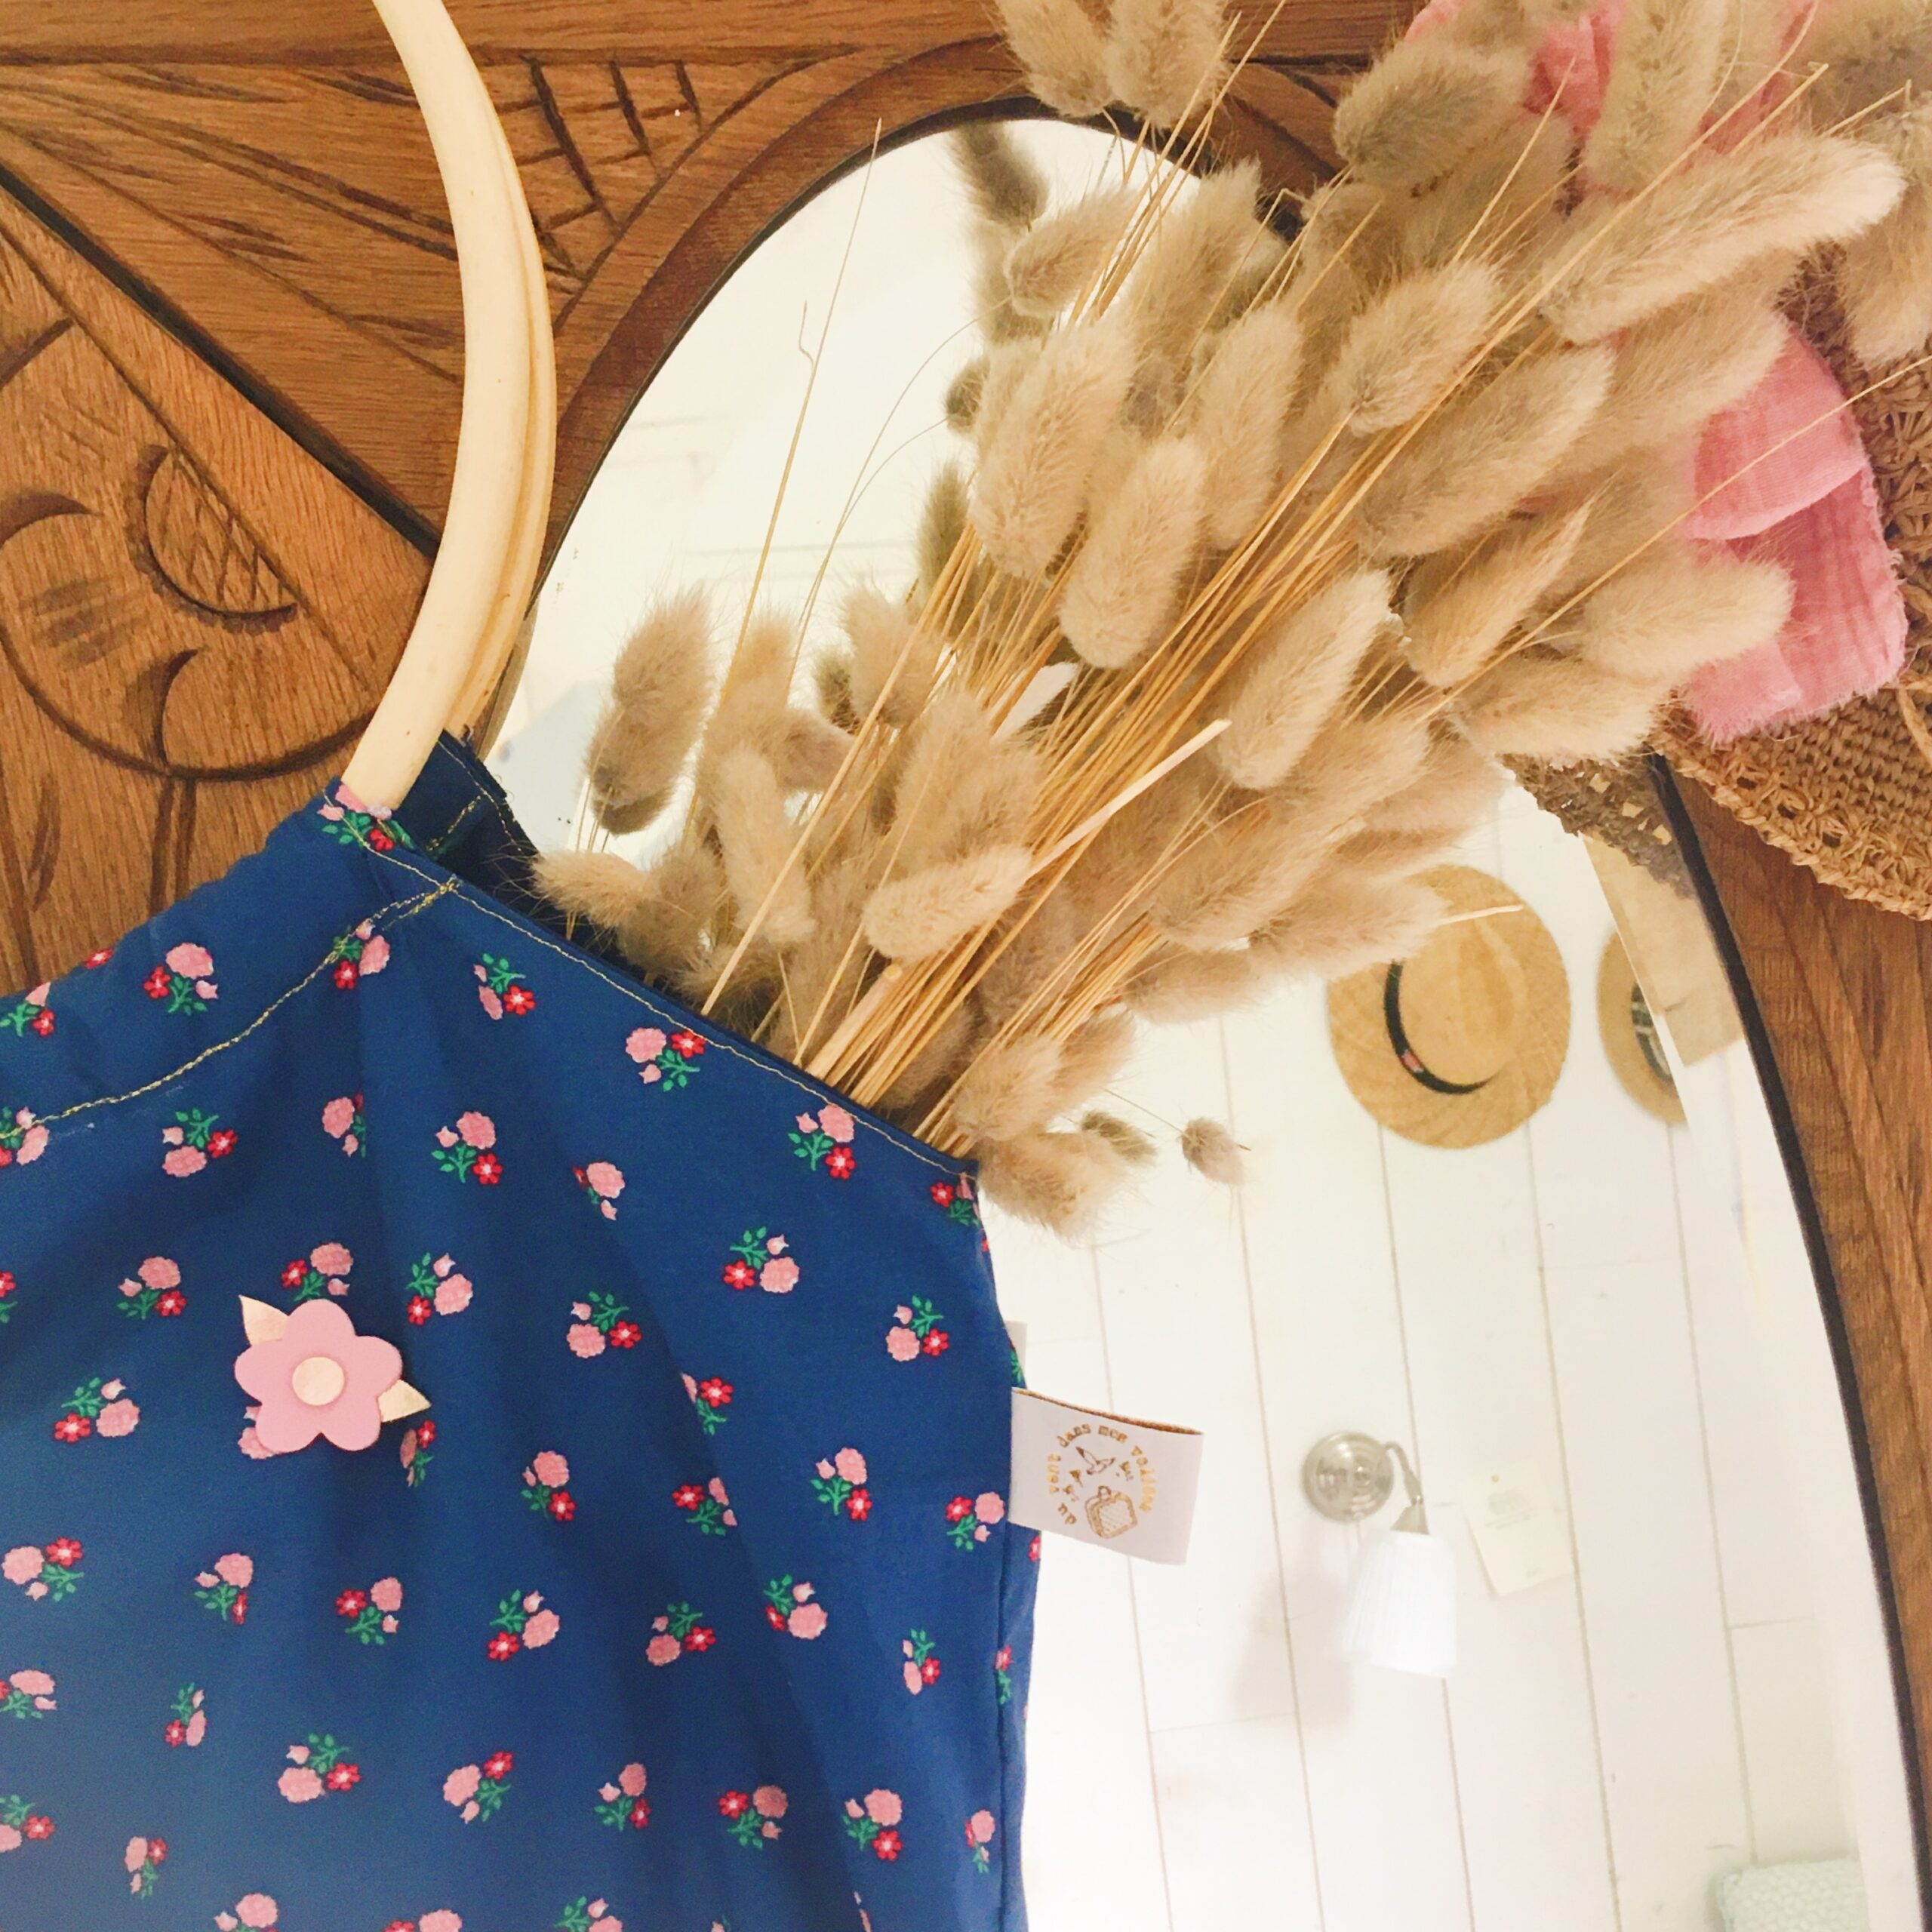 rétro anses rondes osier, fabrication artisanale française - du vent dans mes valises